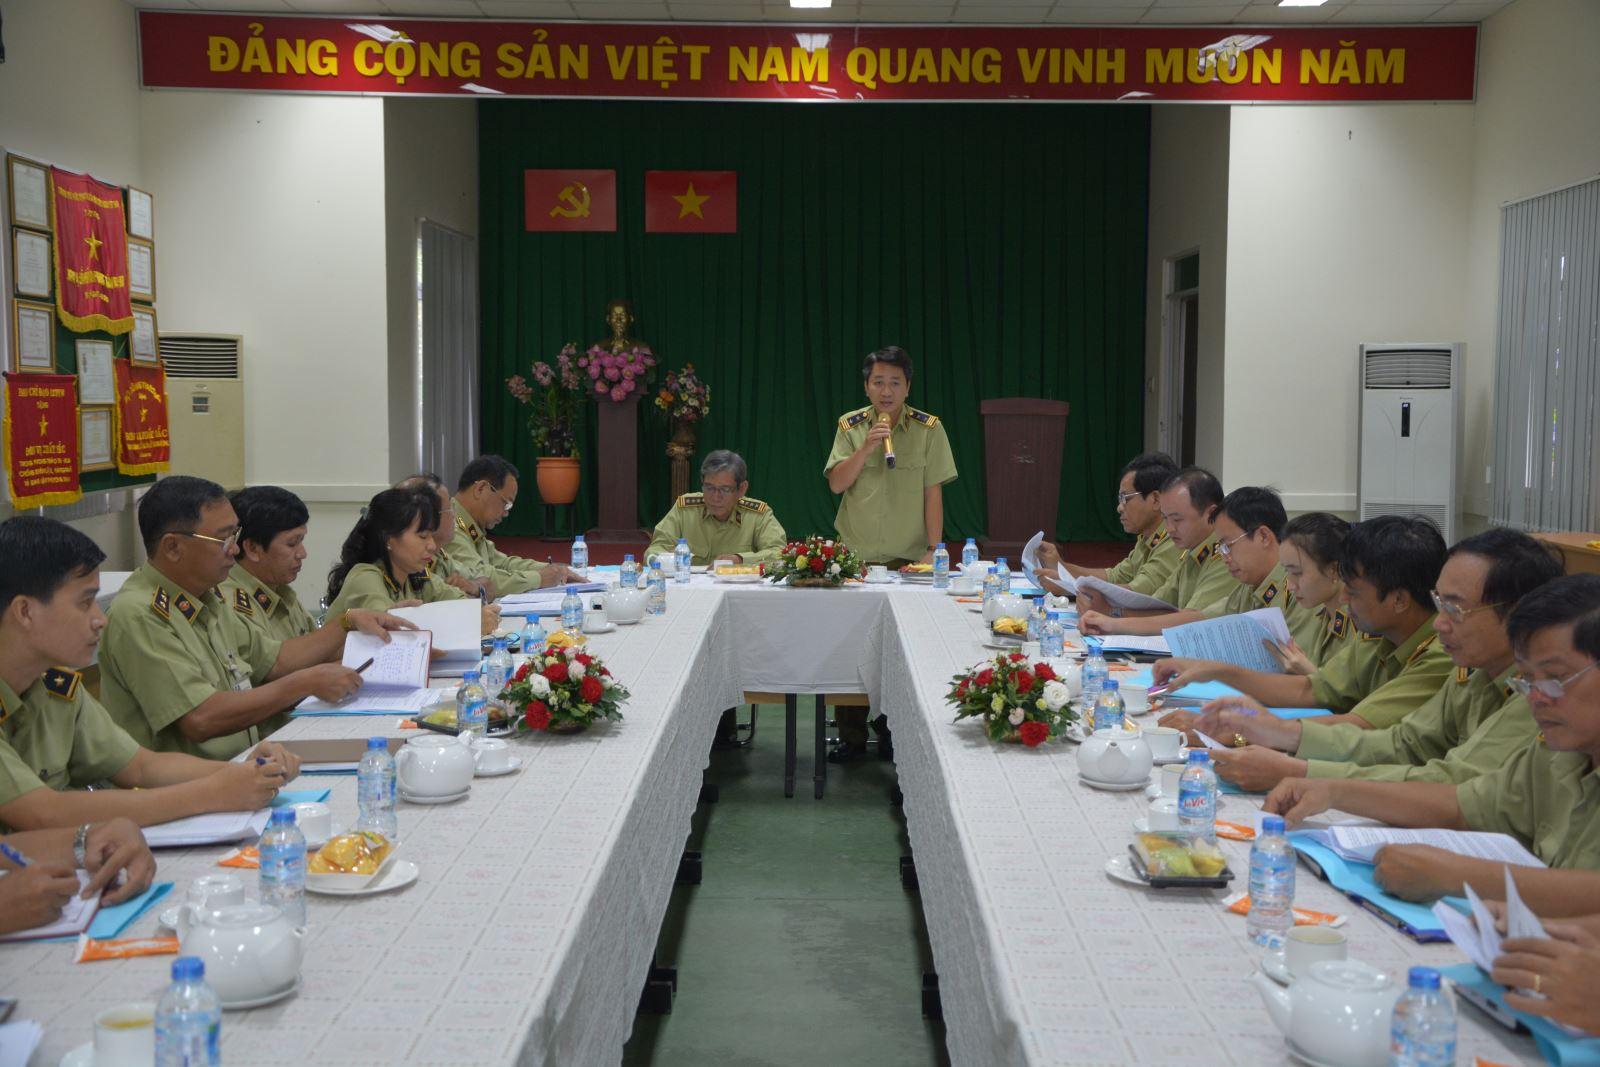 Đôn đốc triển khai công tác phòng, chống buôn lậu, gian lận thương mại và hàng giả 9 tháng năm 2017 tại TP Hồ Chí Minh, An Giang và Long An.